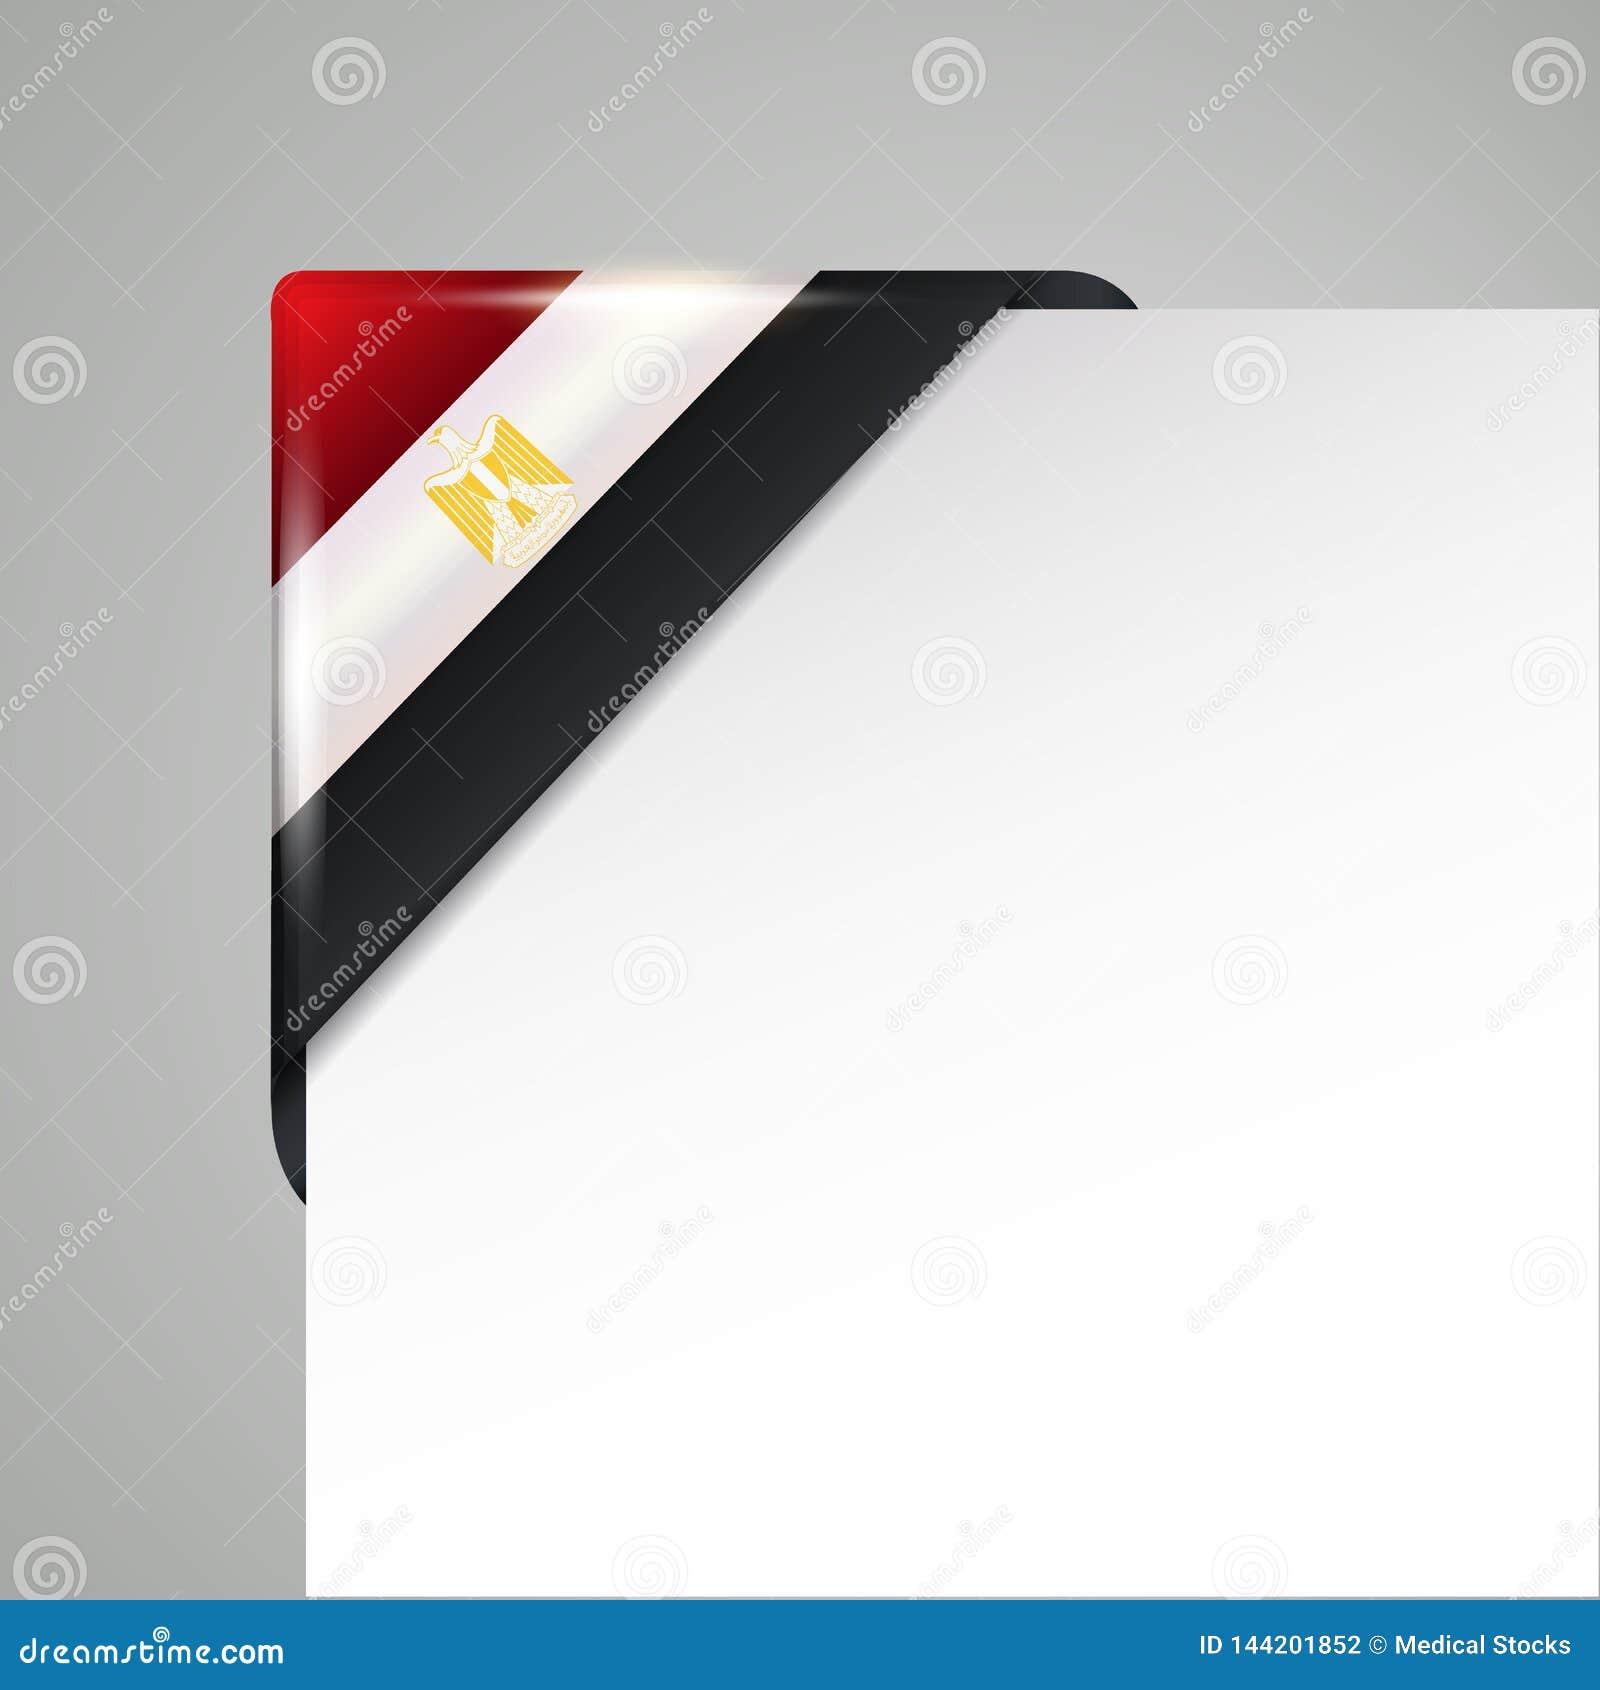 Μεταλλική απομονωμένη γωνία διανυσματική απεικόνιση σημαιών της Αιγύπτου